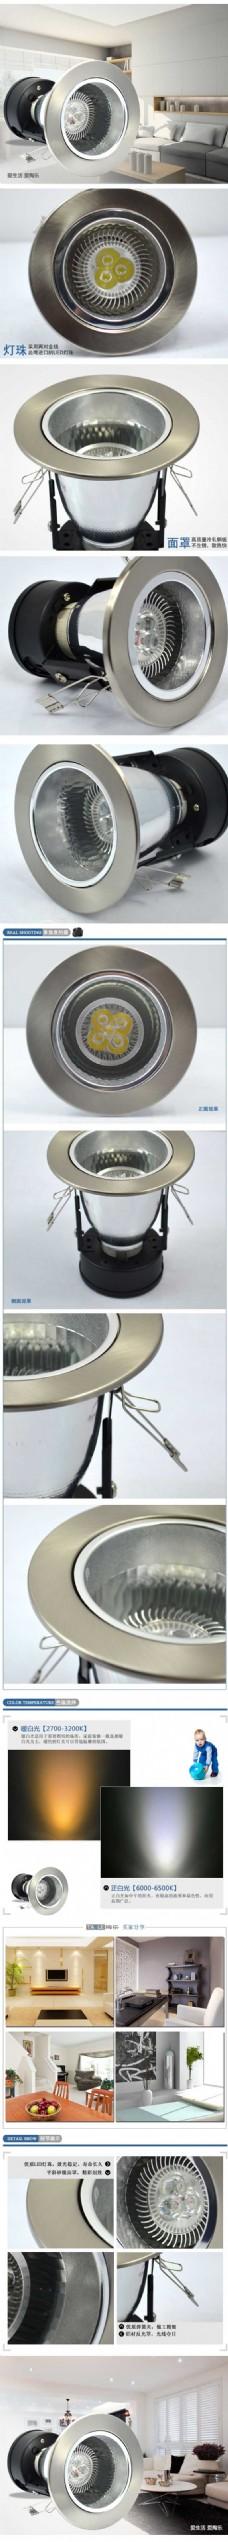 淘宝灯具描述